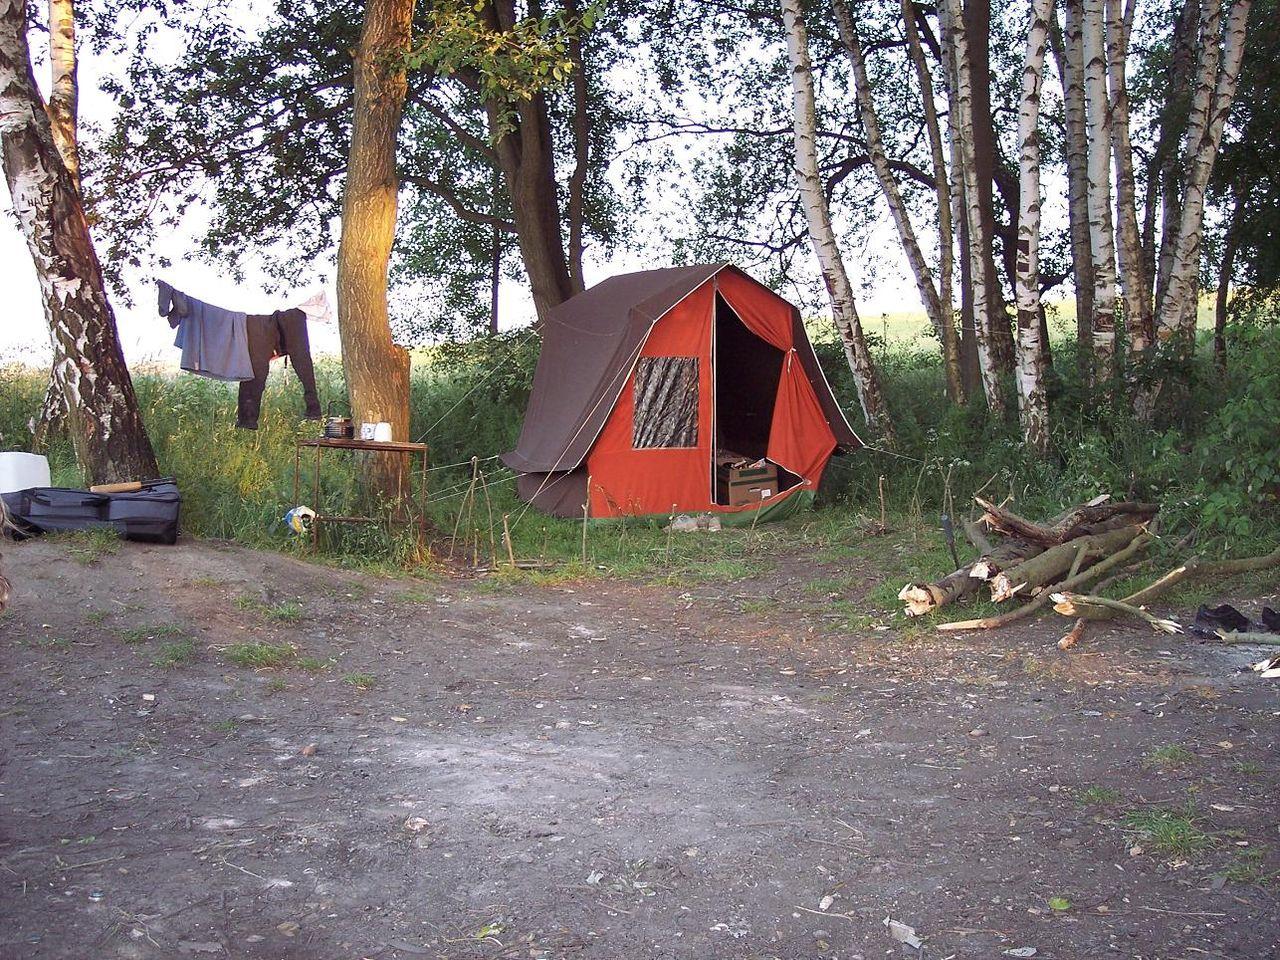 куда поехать с палаткой на рыбалку в московской области